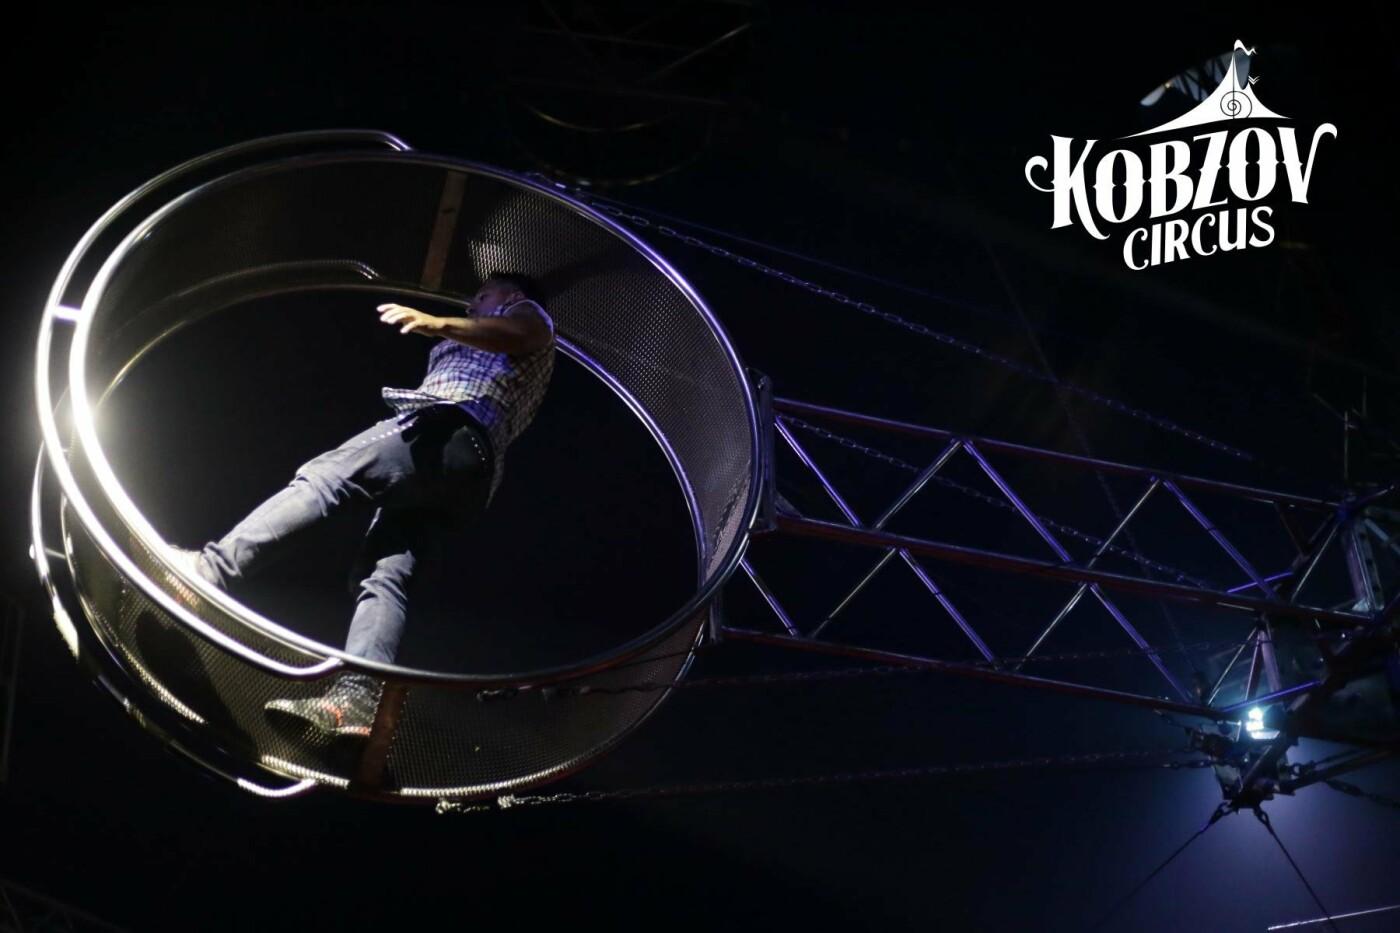 Найбільший цирк України – цирк «Кобзов», готовий дивувати, надихати і приносити радість!, фото-6